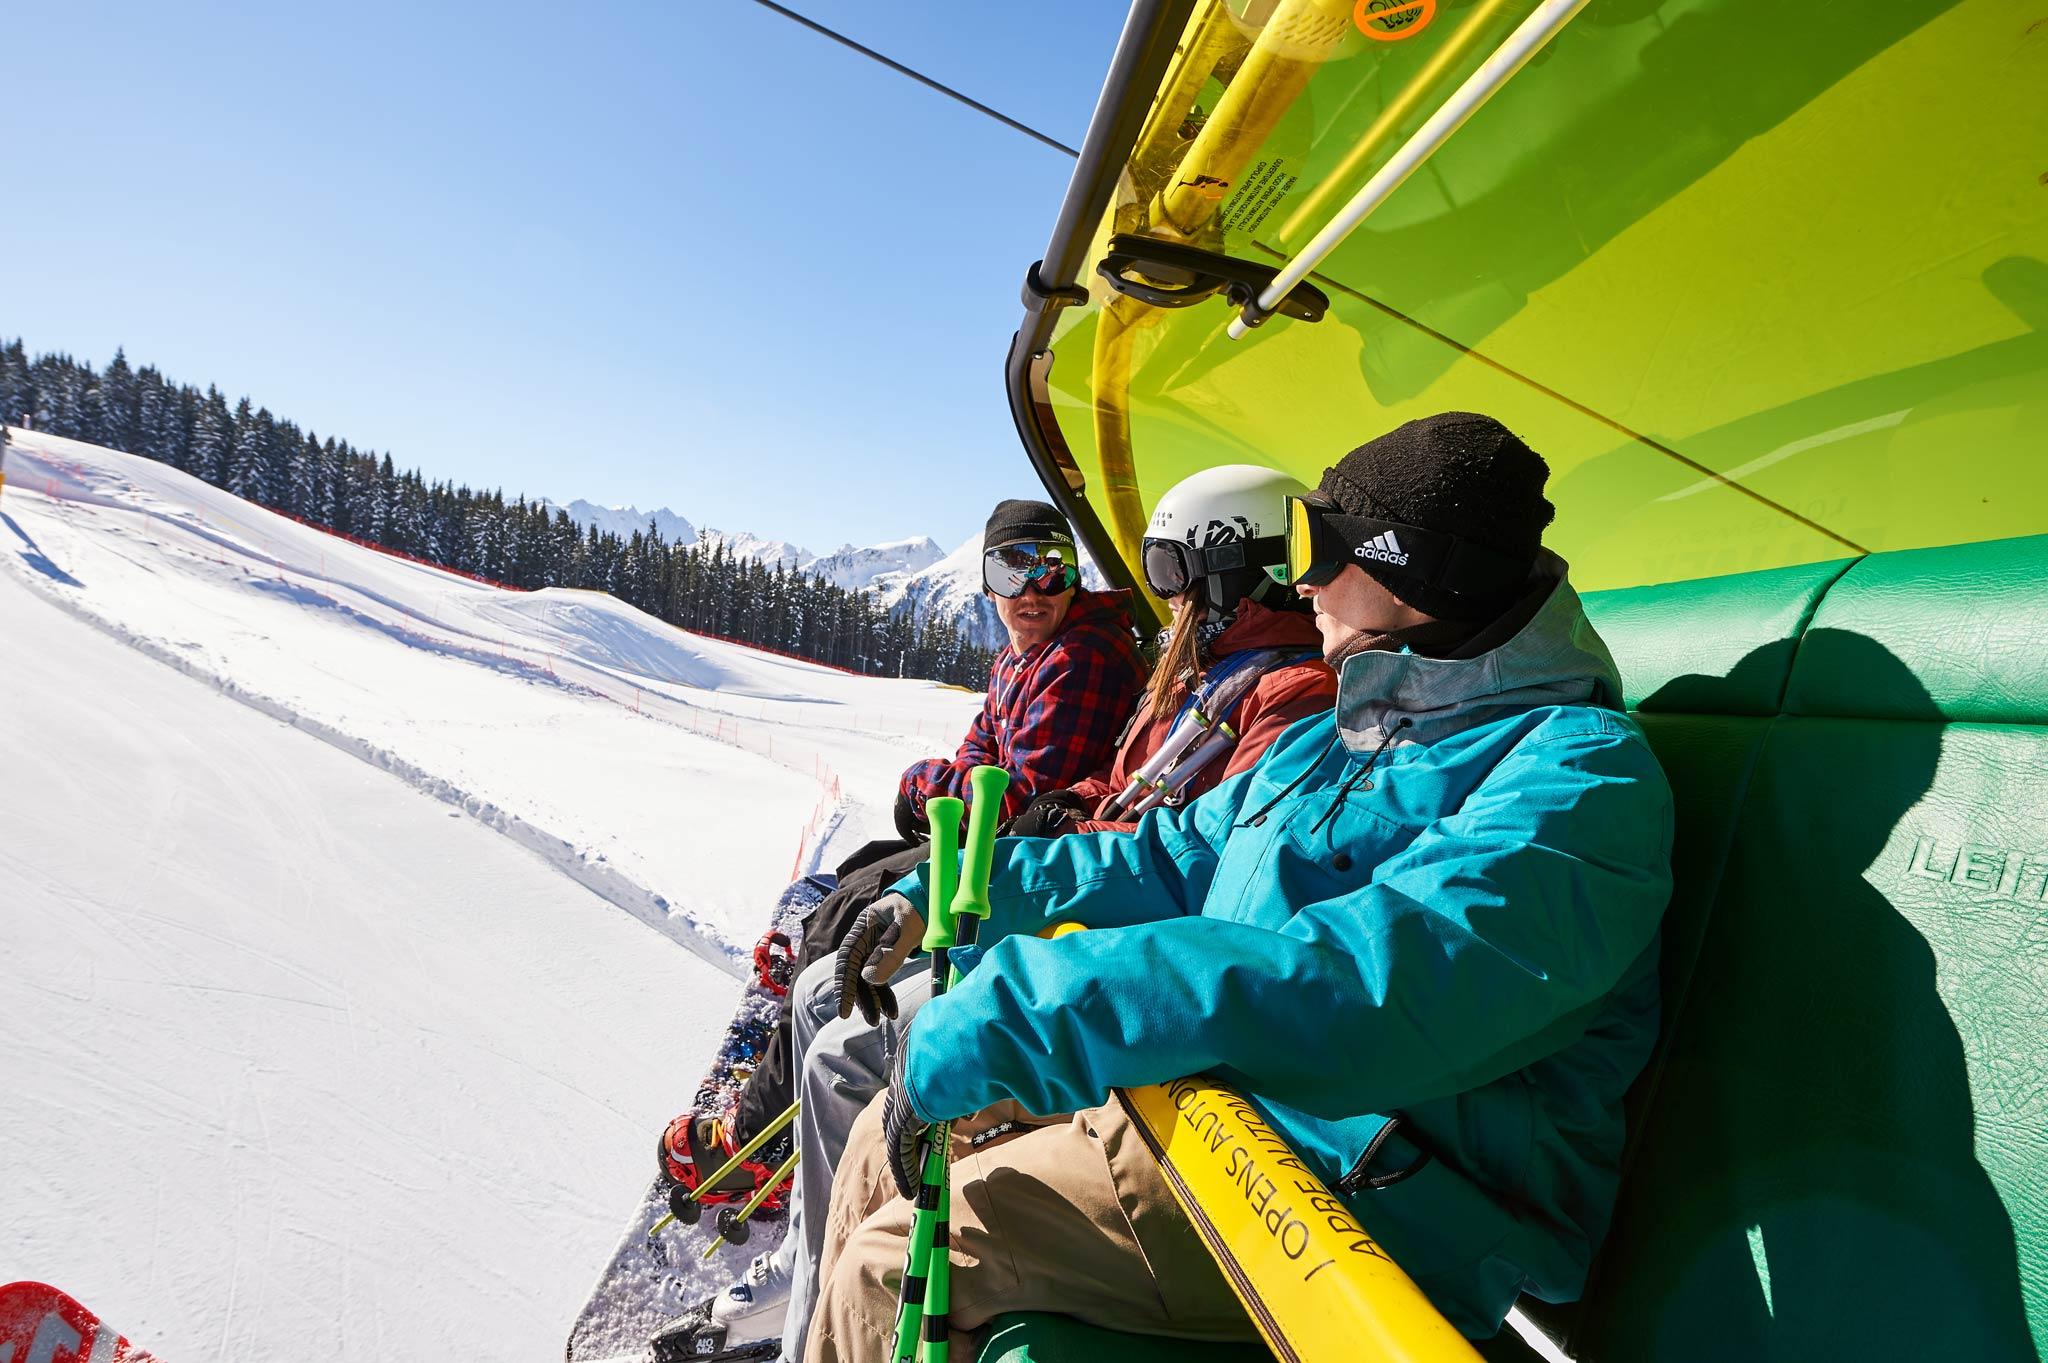 Noch bis einschließlich 4. Dezember 2019 könnt ihr euch die Vorverkaufsrabatte bei Ski amadé sichern!